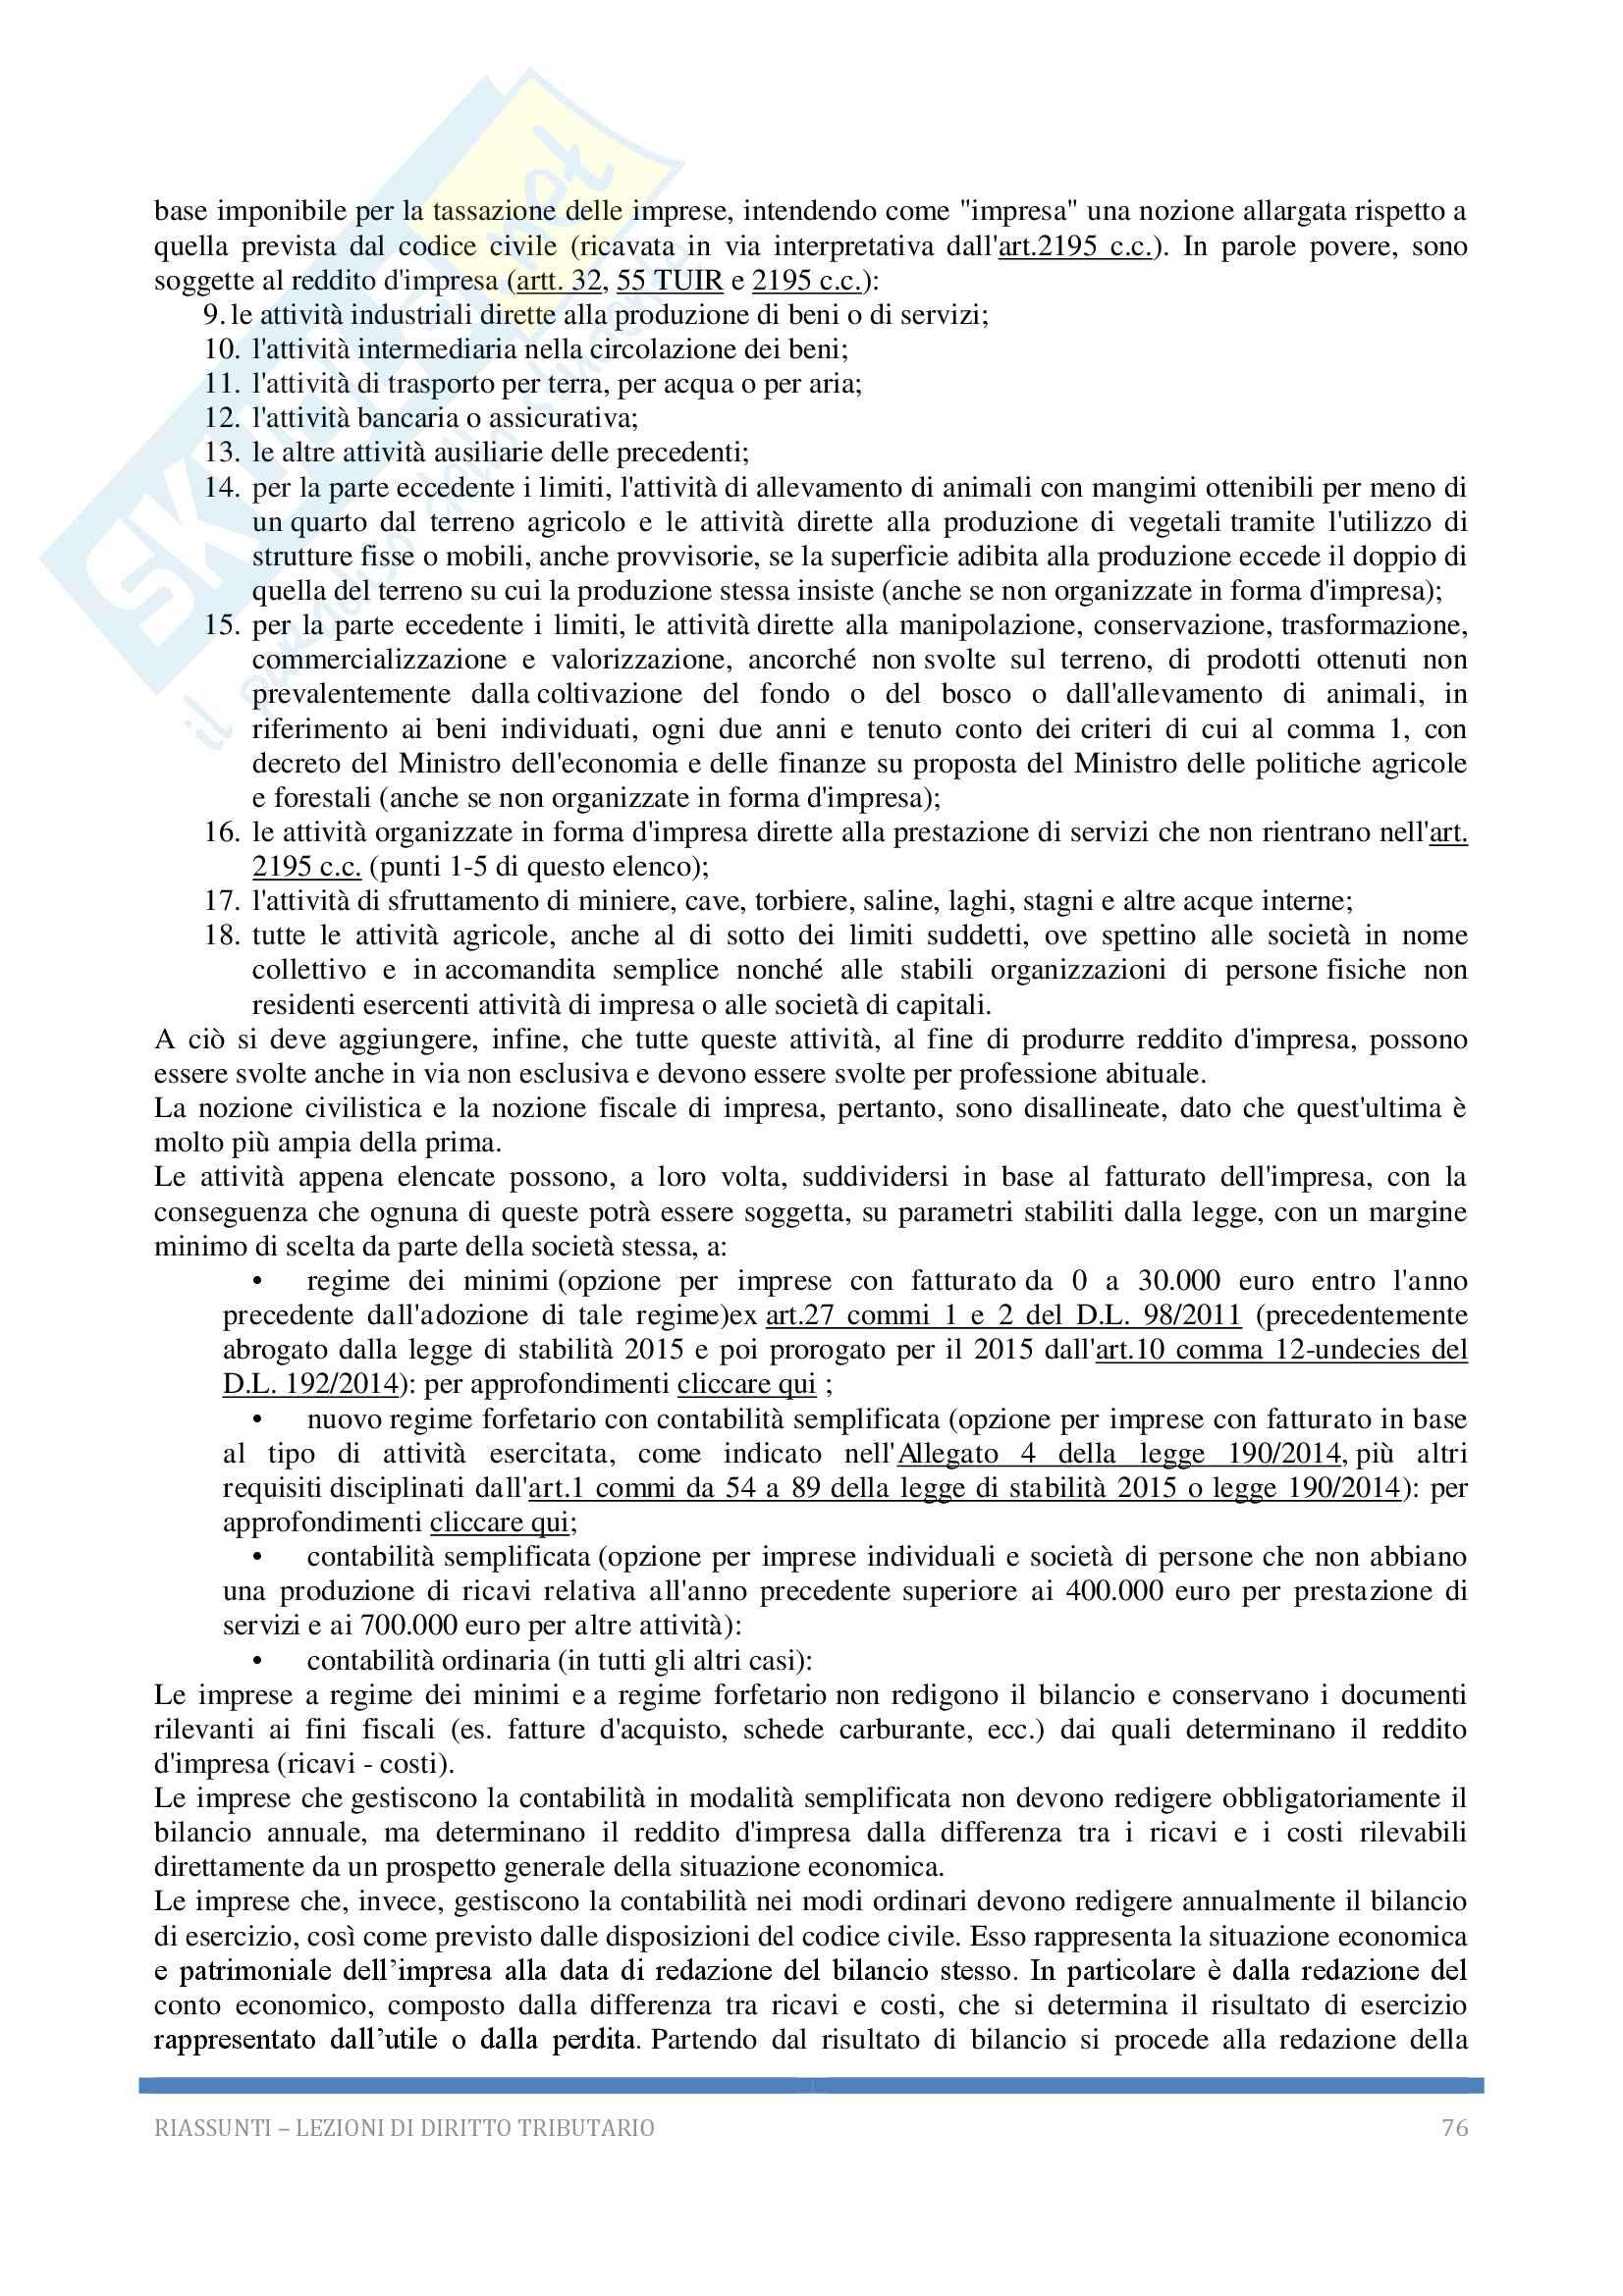 Riassunto esame Diritto tributario, Docente G. Melis, 2017! Pag. 76